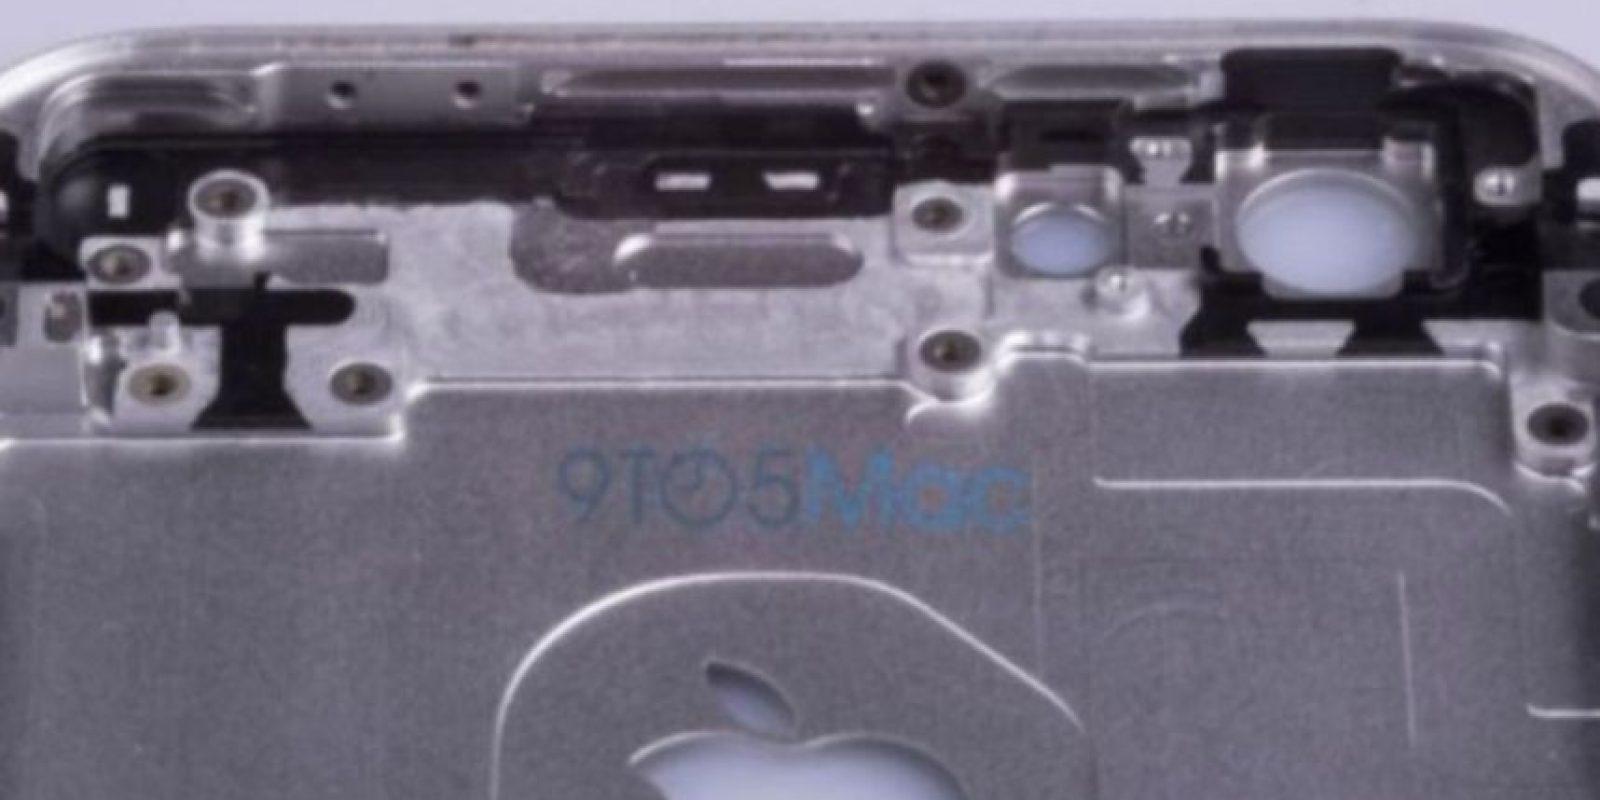 Hasta 5 megapíxeles podría ser la calidad de la cámara frontal del iPhone 6s, dejando atrás los 1.2 megapíxeles del iPhone 6 para que puedan tener mejores selfies. Foto:Tumblr